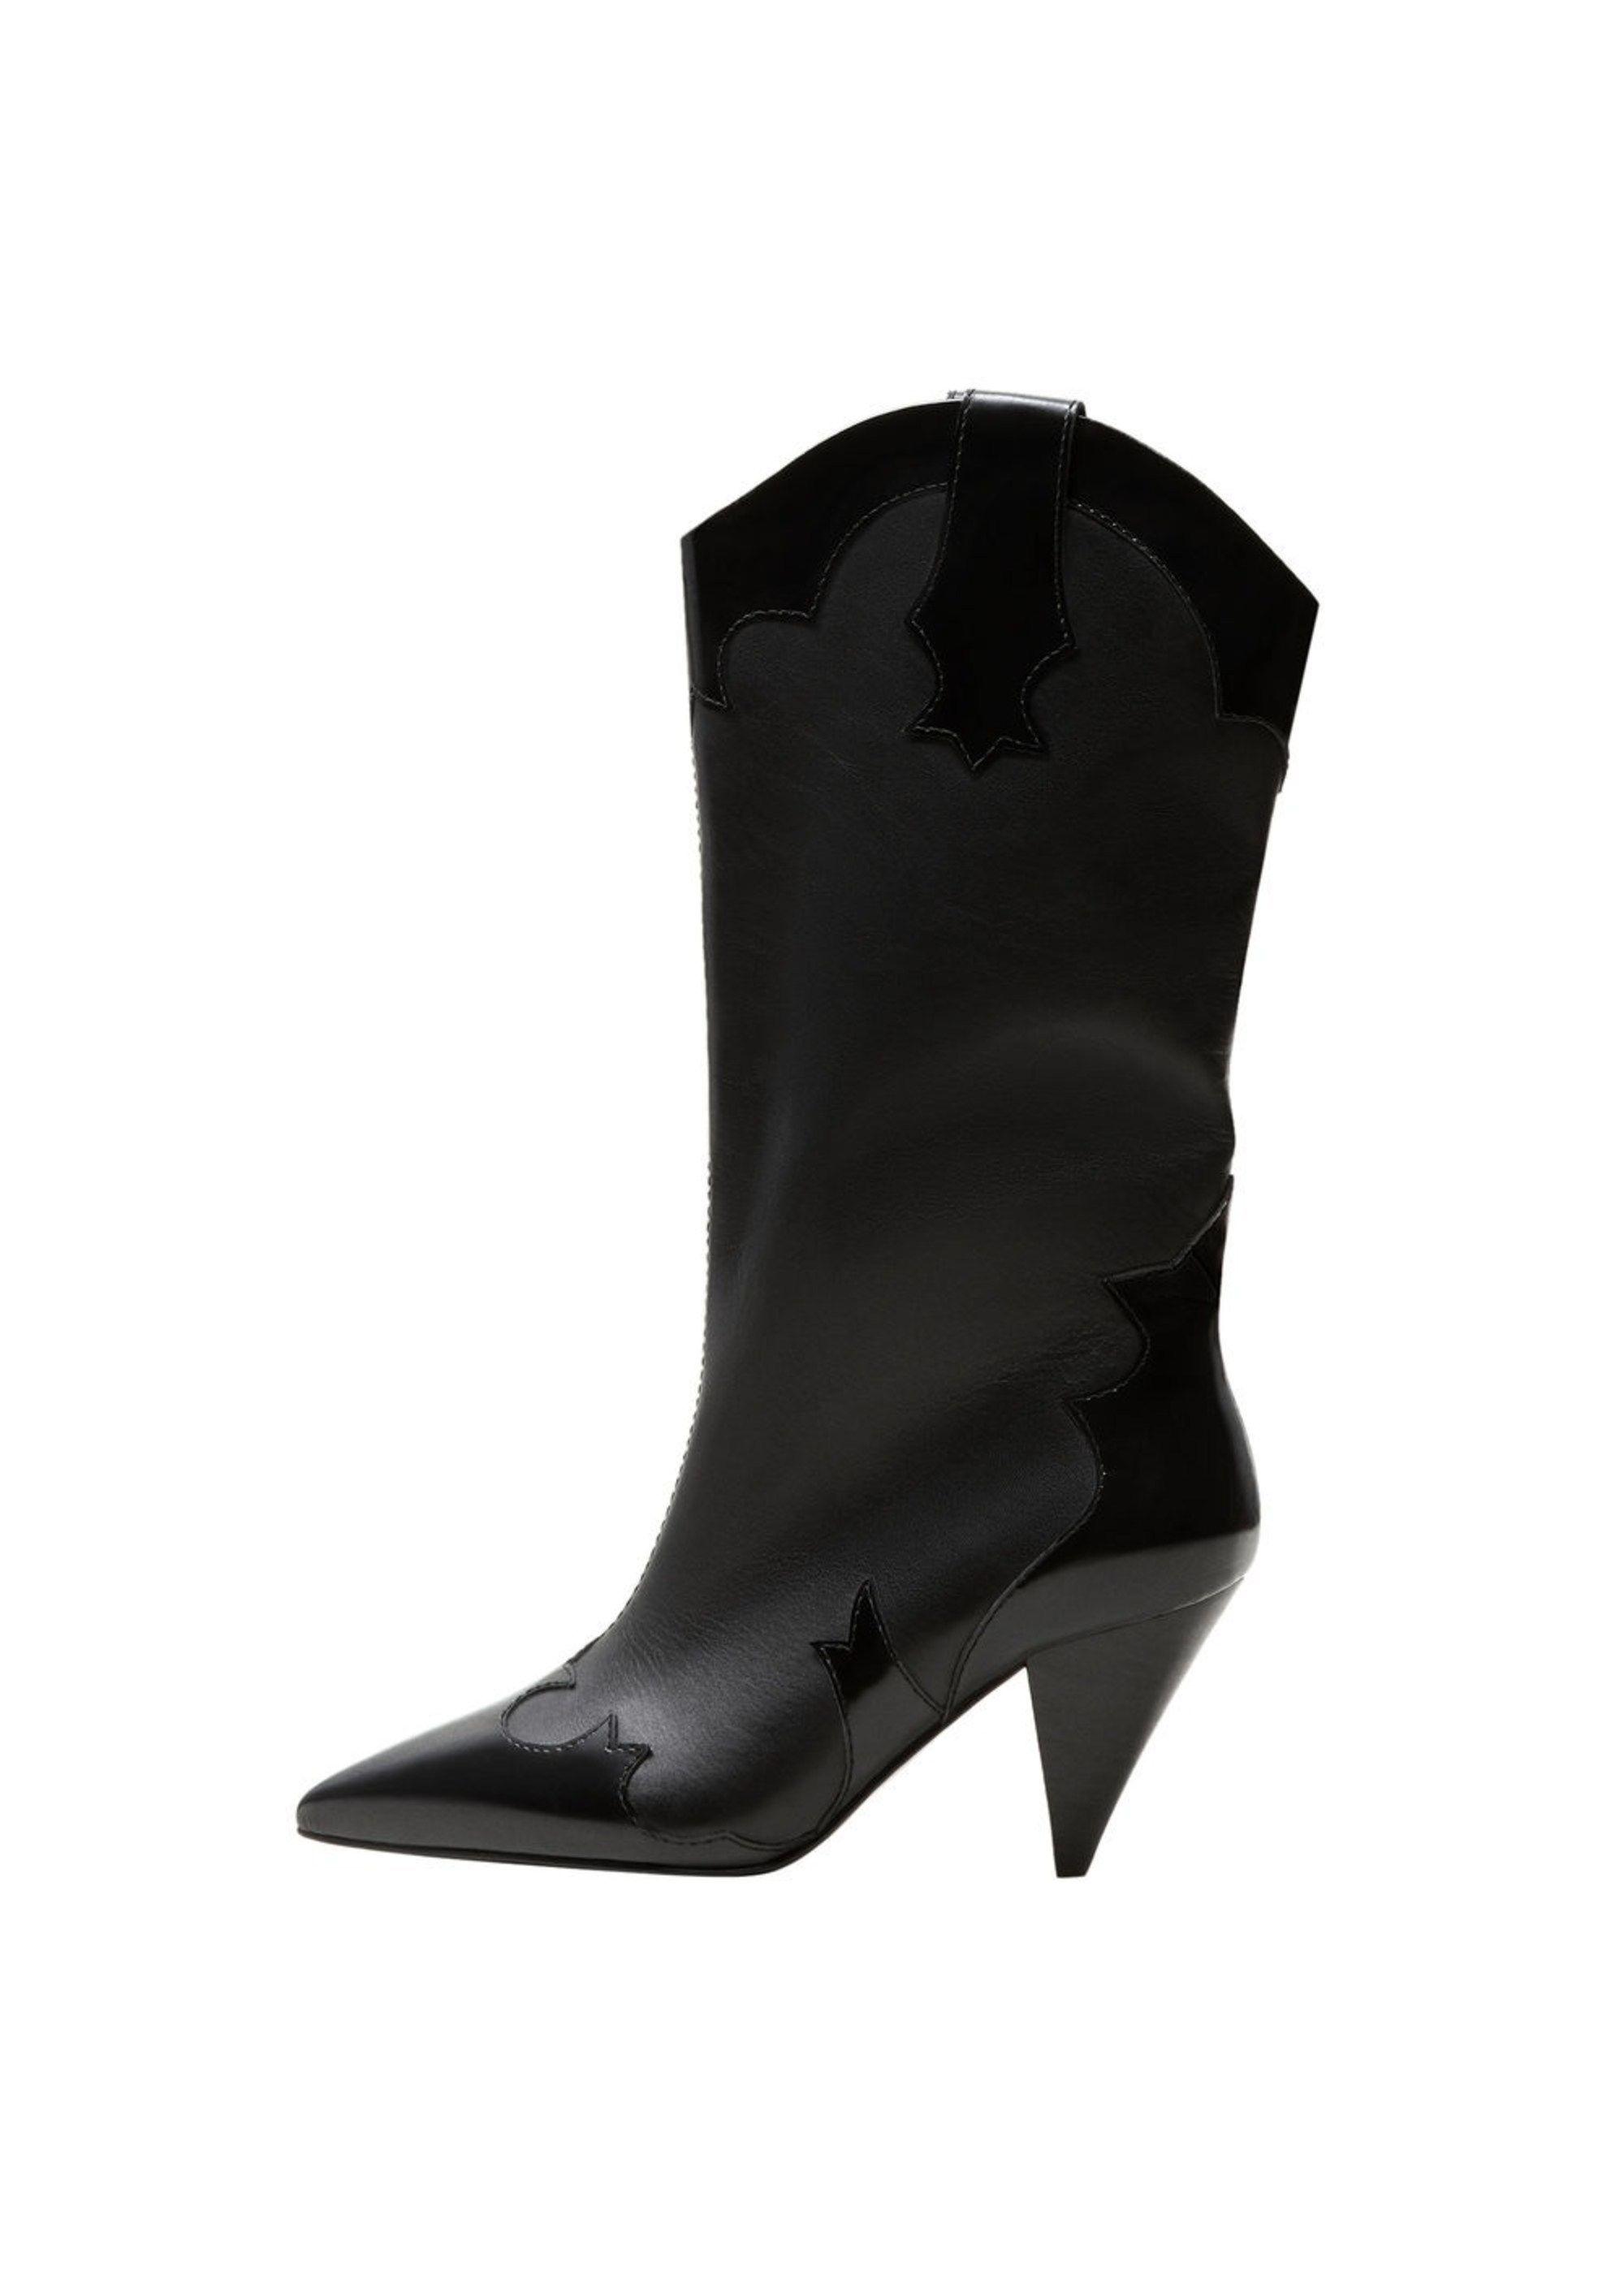 5d115c473c71da Damen MANGO Stiefel Mexico schwarz